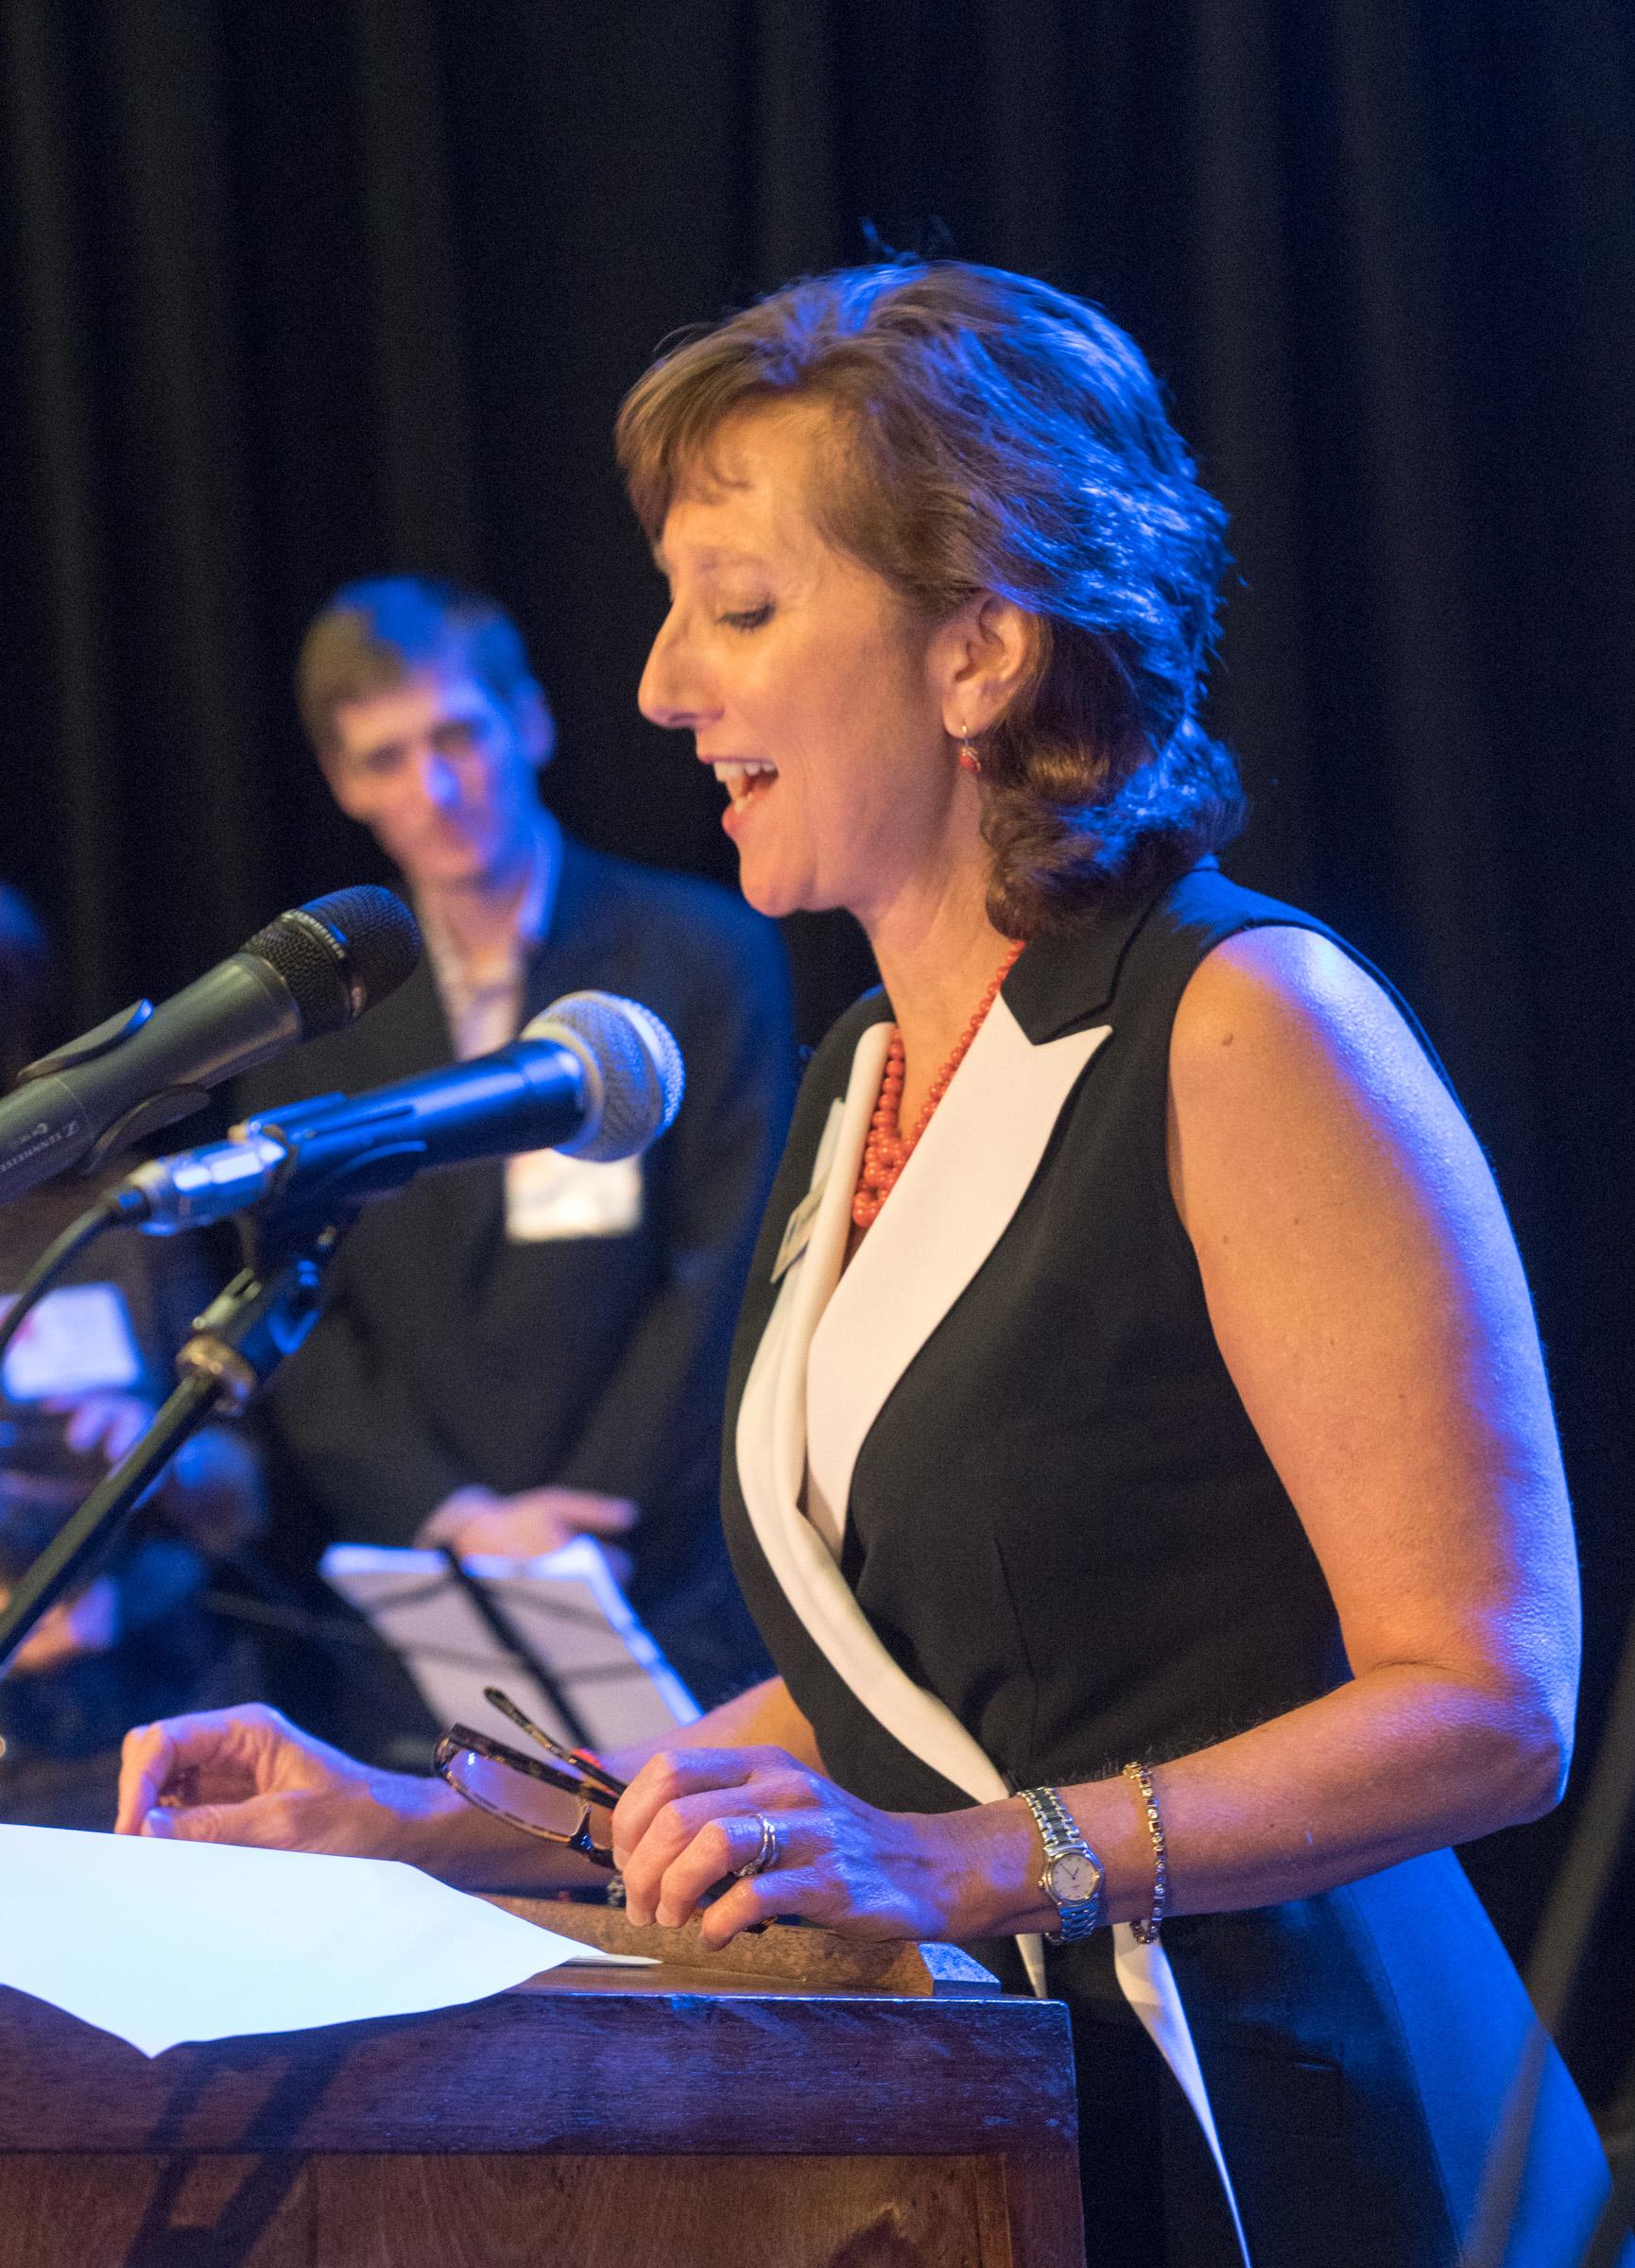 Iris podium.jpg